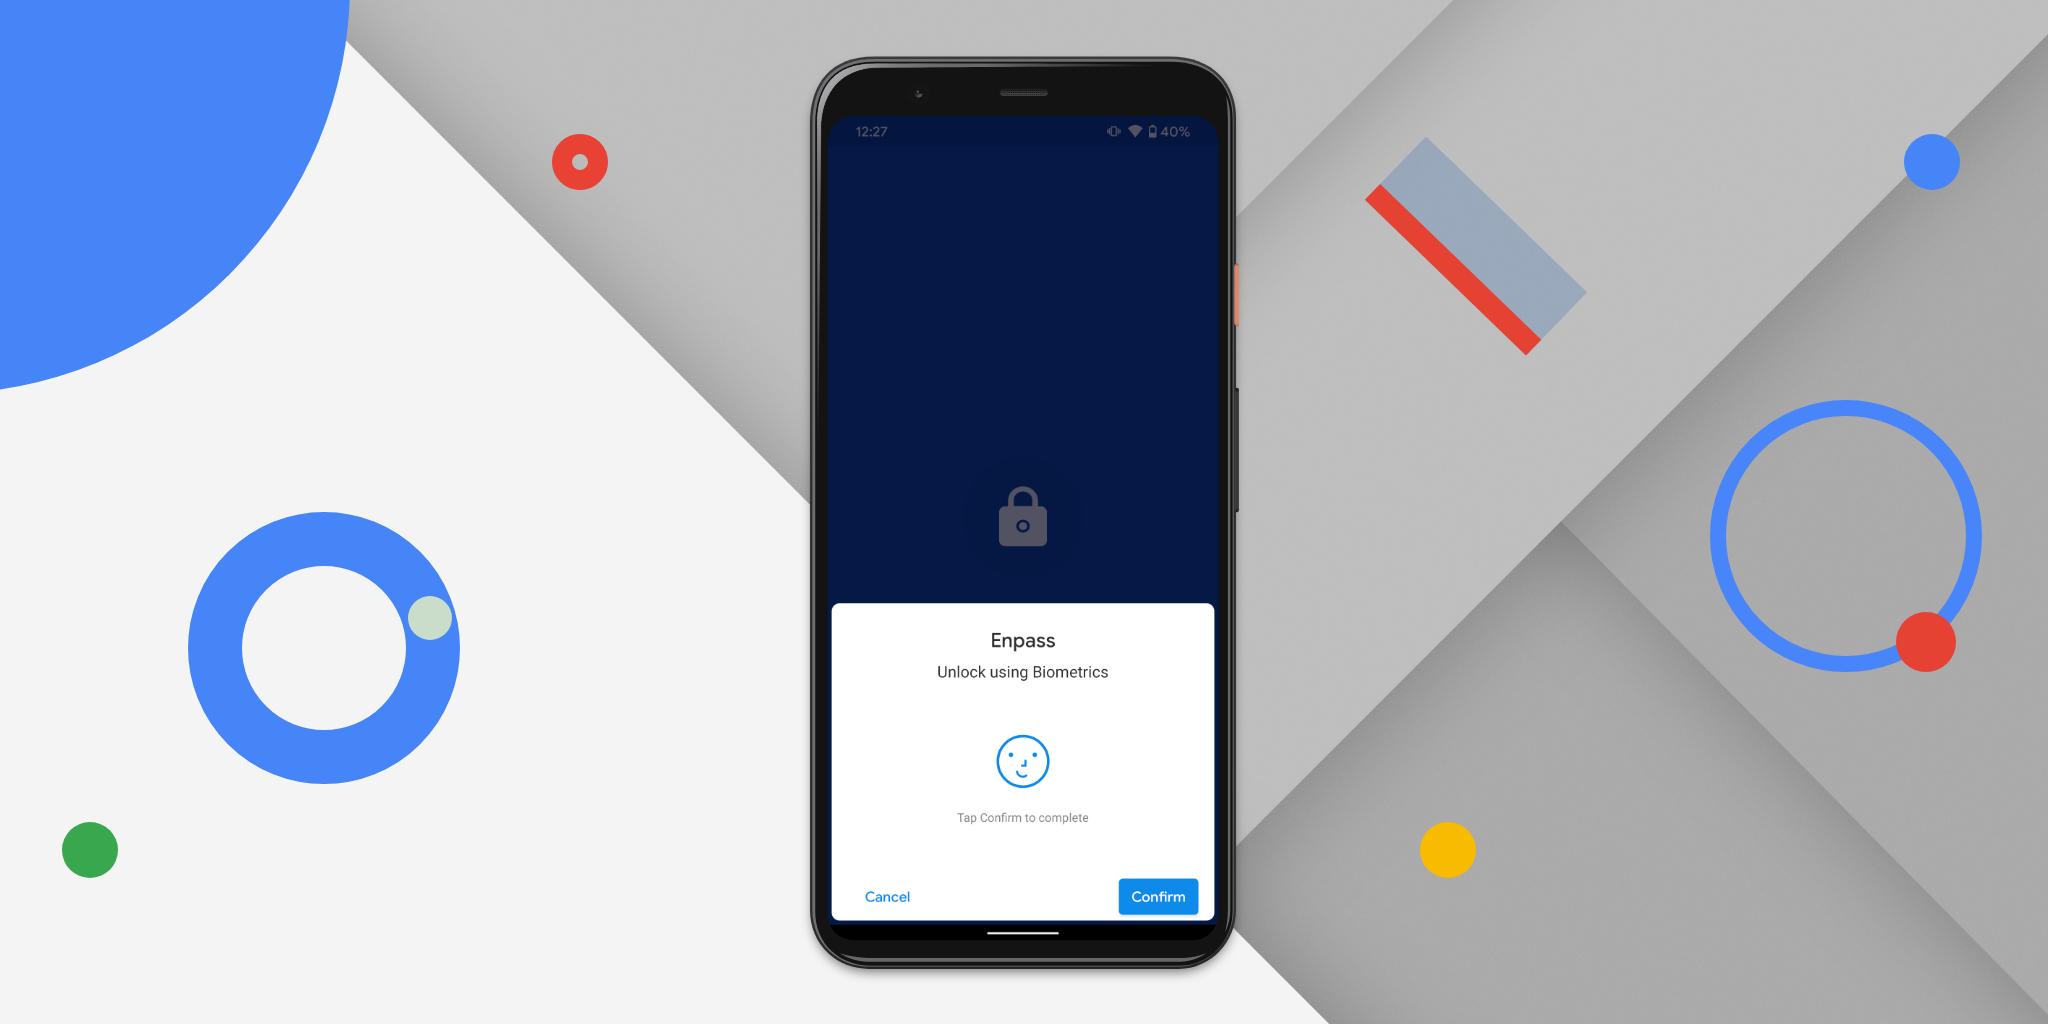 Enpass support pixel 4 face unlock